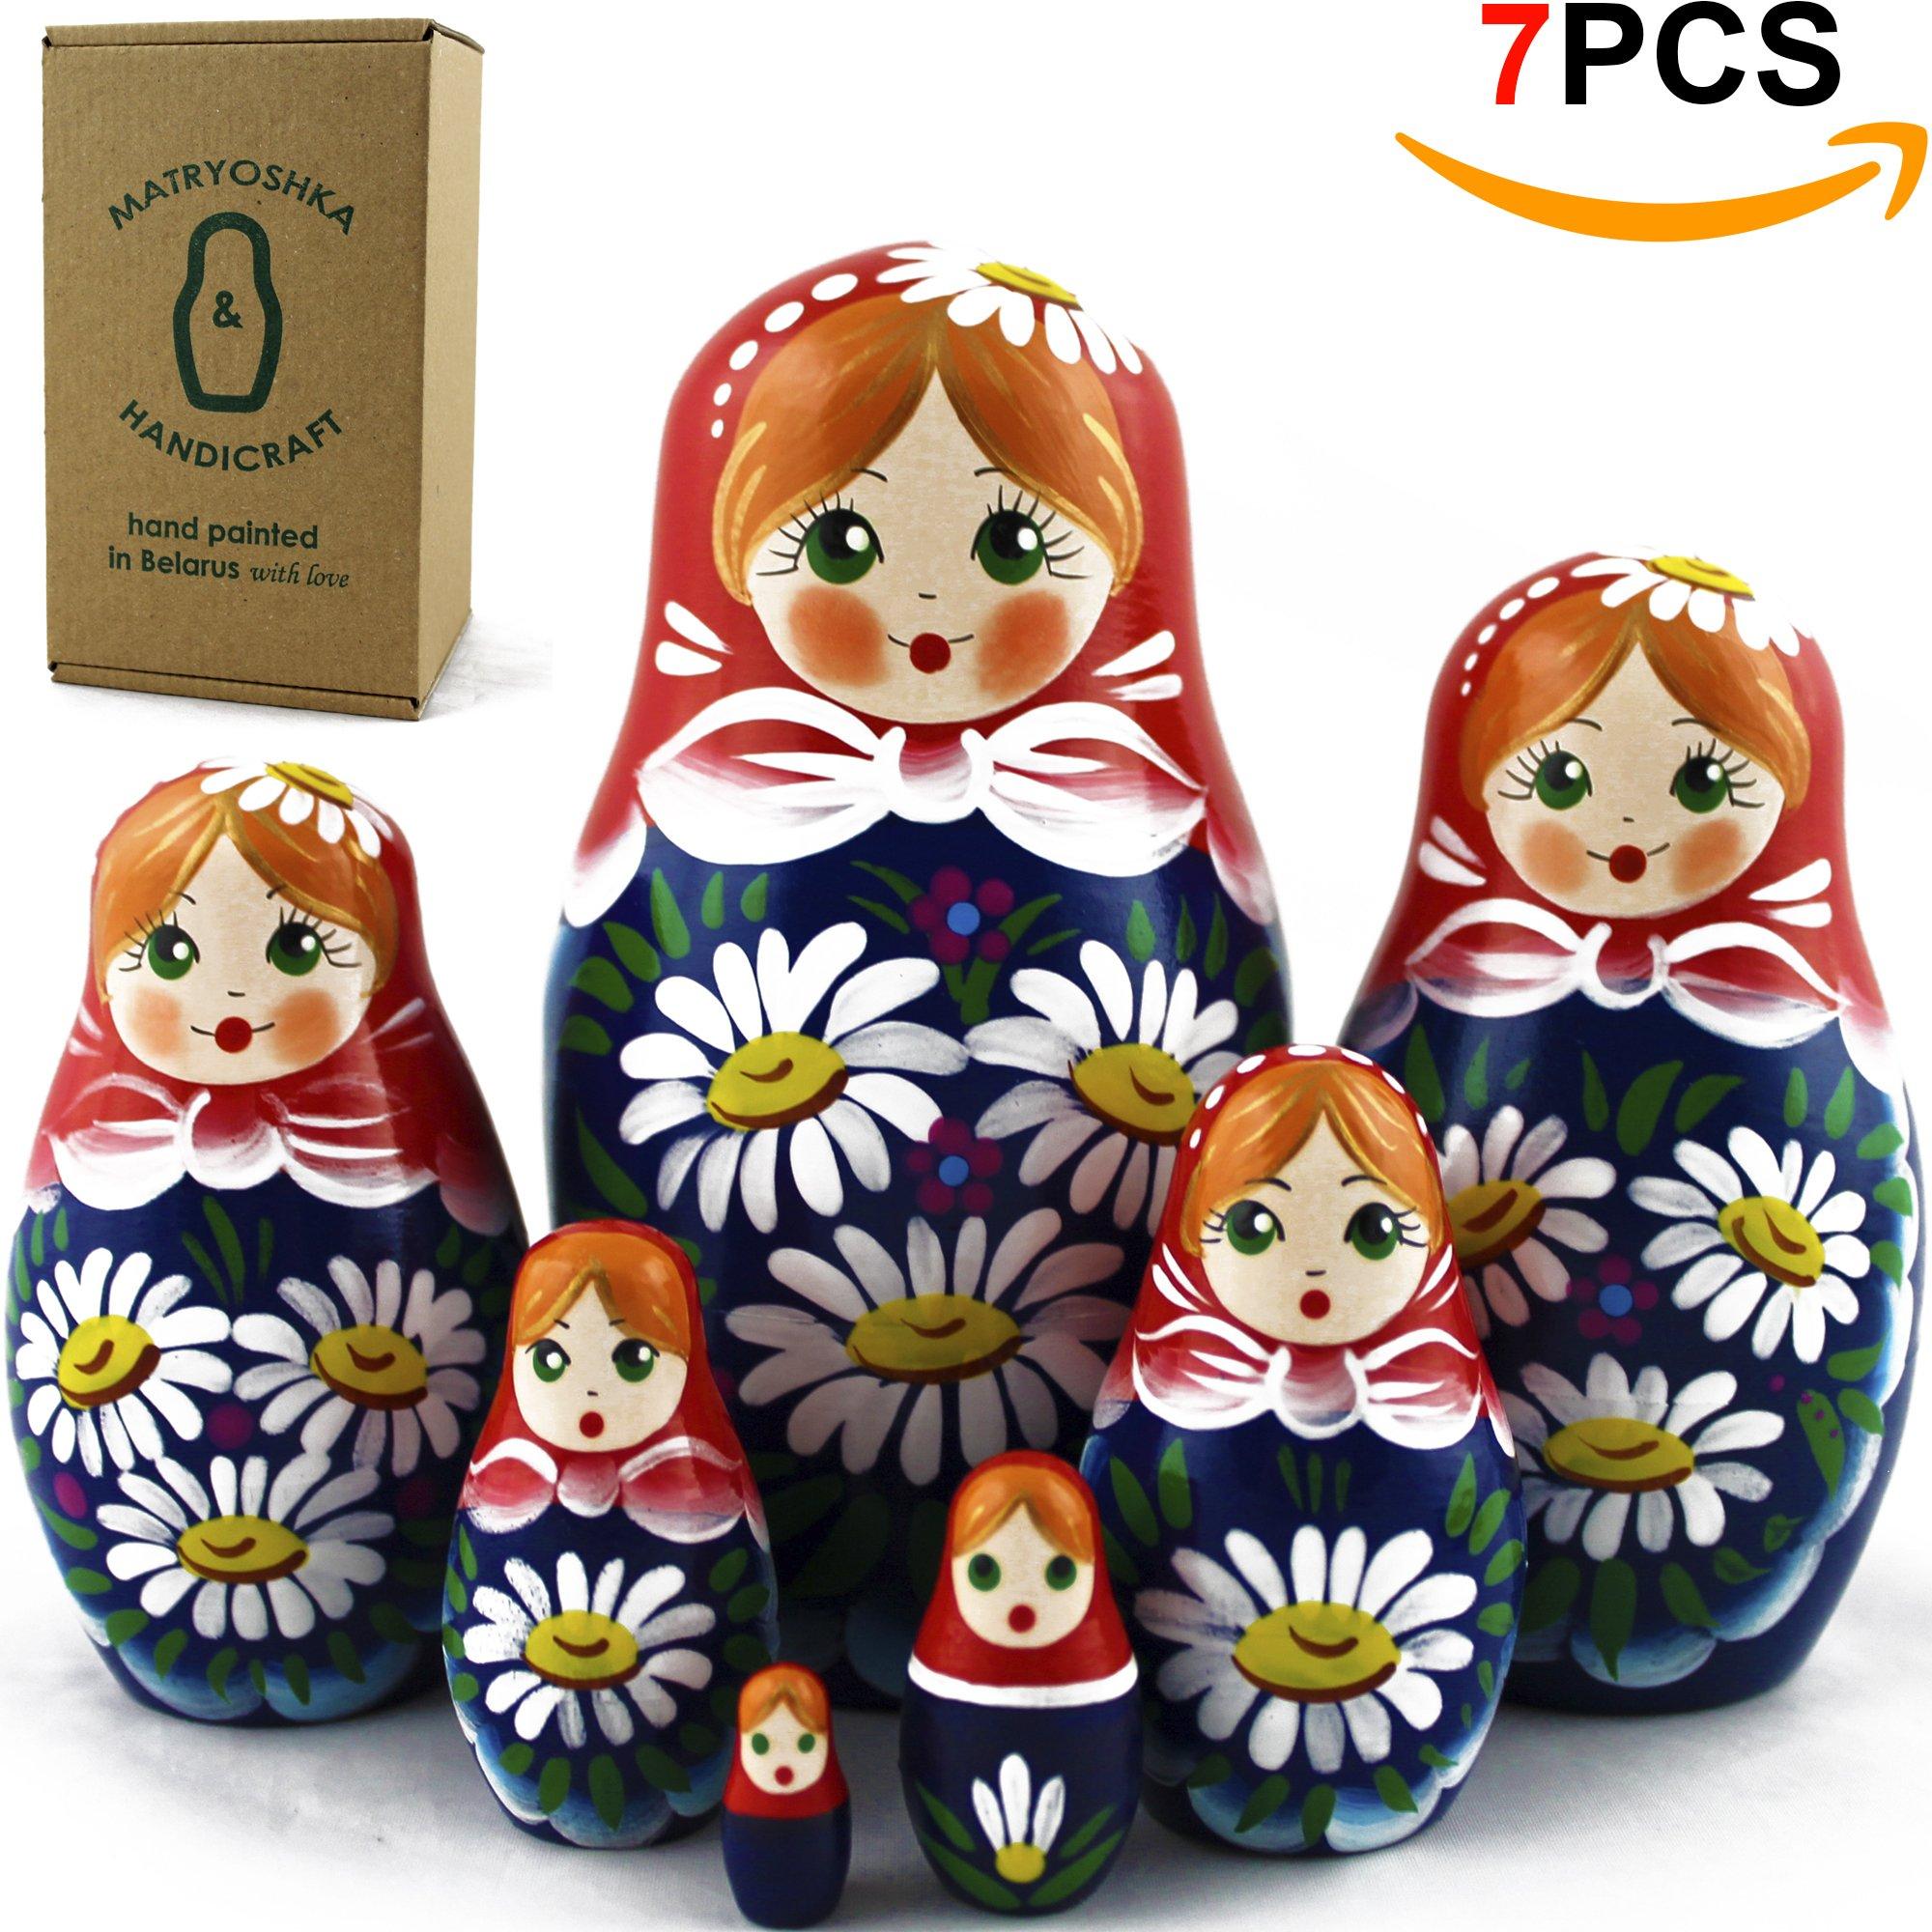 Nesting Dolls - Matryoshka Matrioskas Babushka Matruska Russian 7 Nesting Dolls for Kids - Matryoshka Russian Nesting Doll